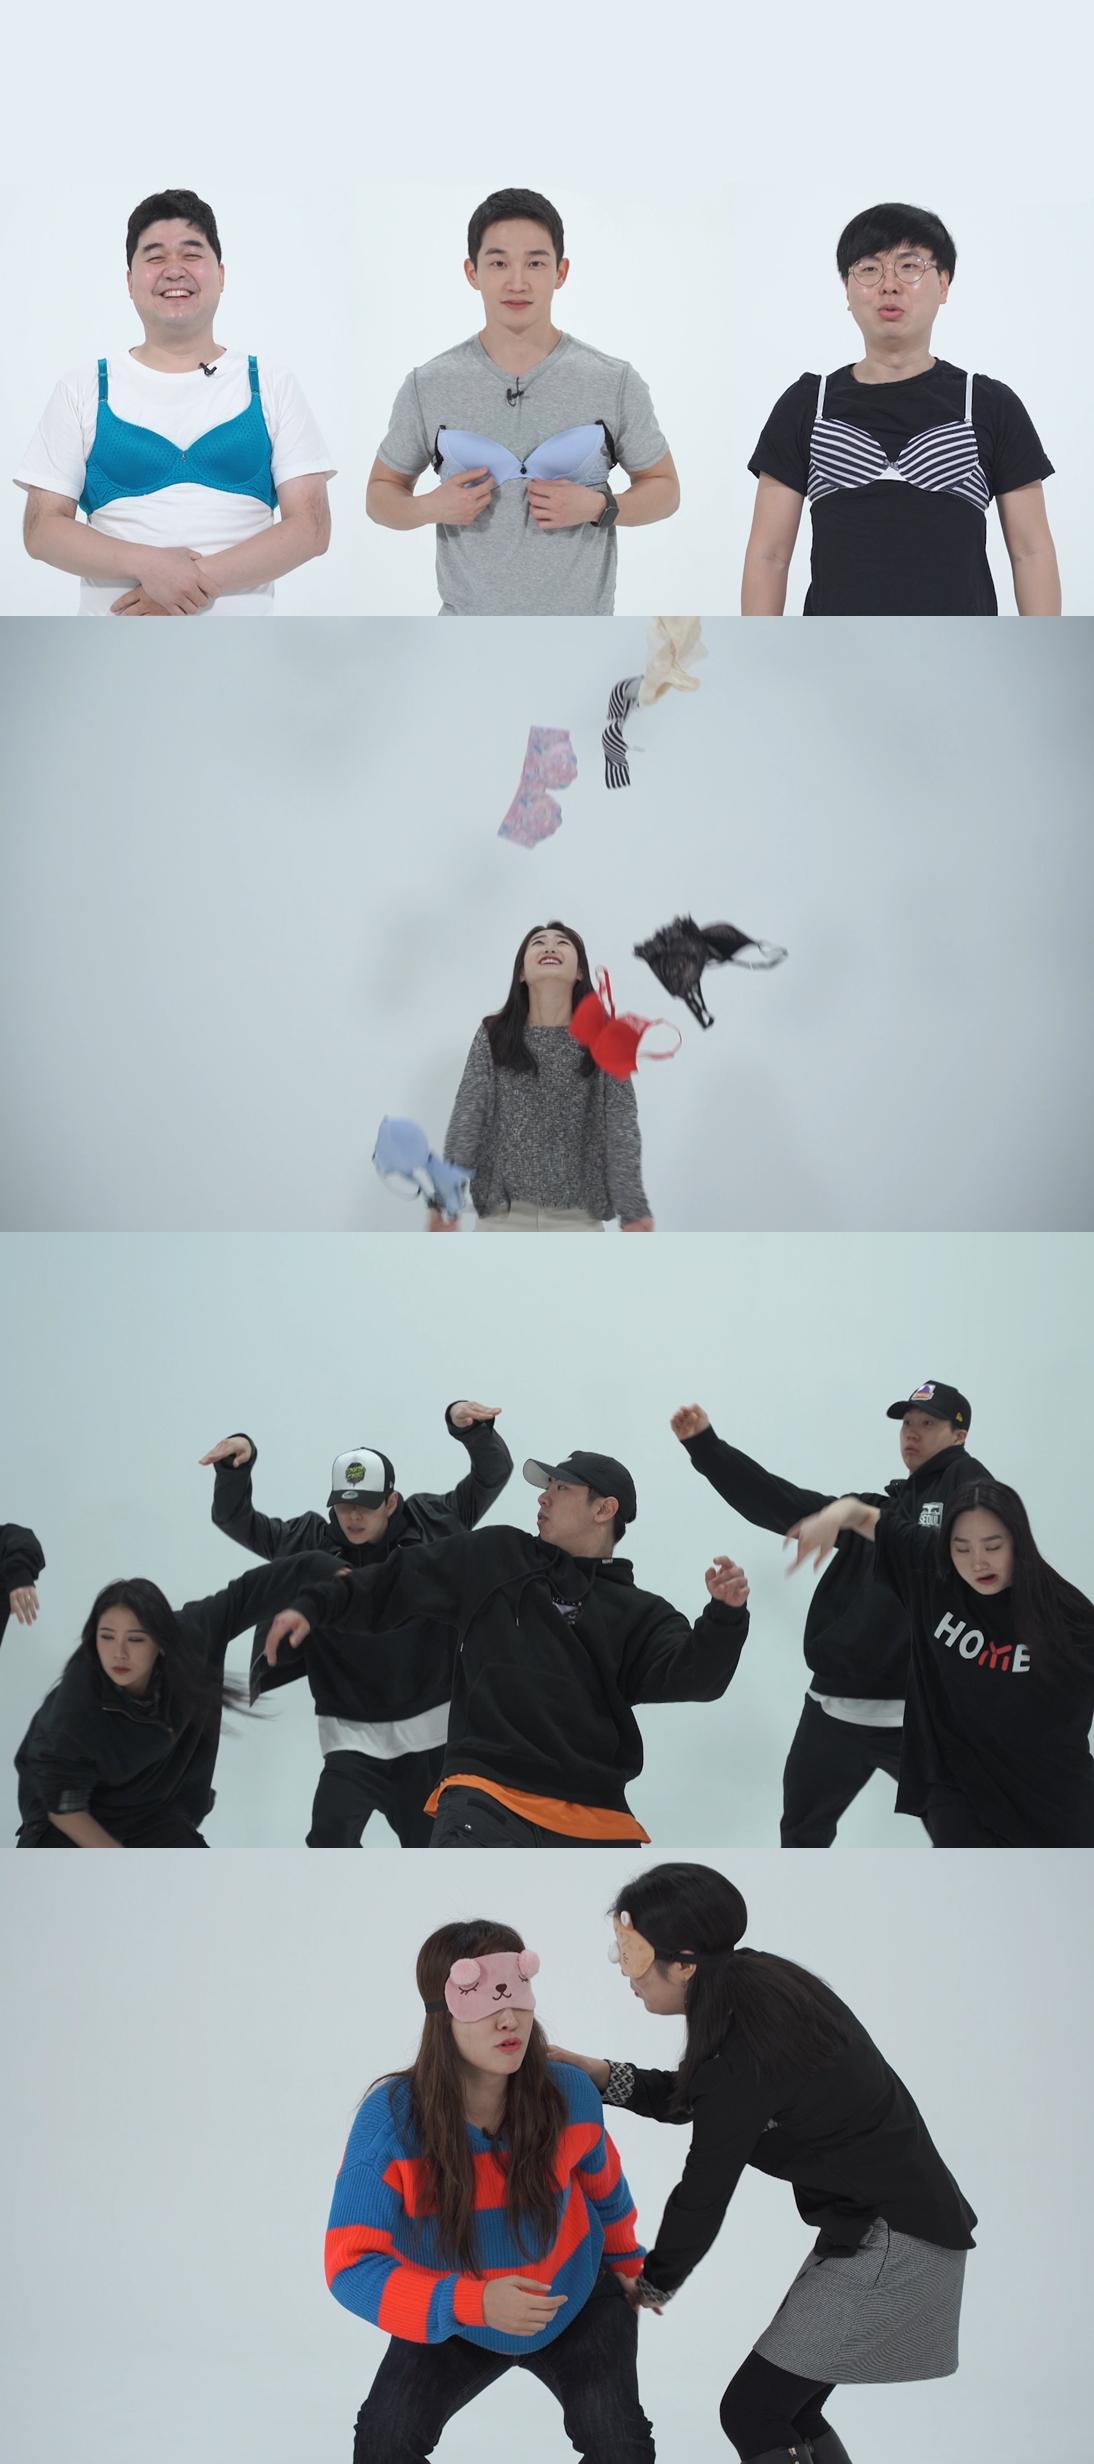 '시리즈M' 노(No)브래지어 챌린지→블라인드 데이트, 일상 속 소소한 궁금증 한 자리에!